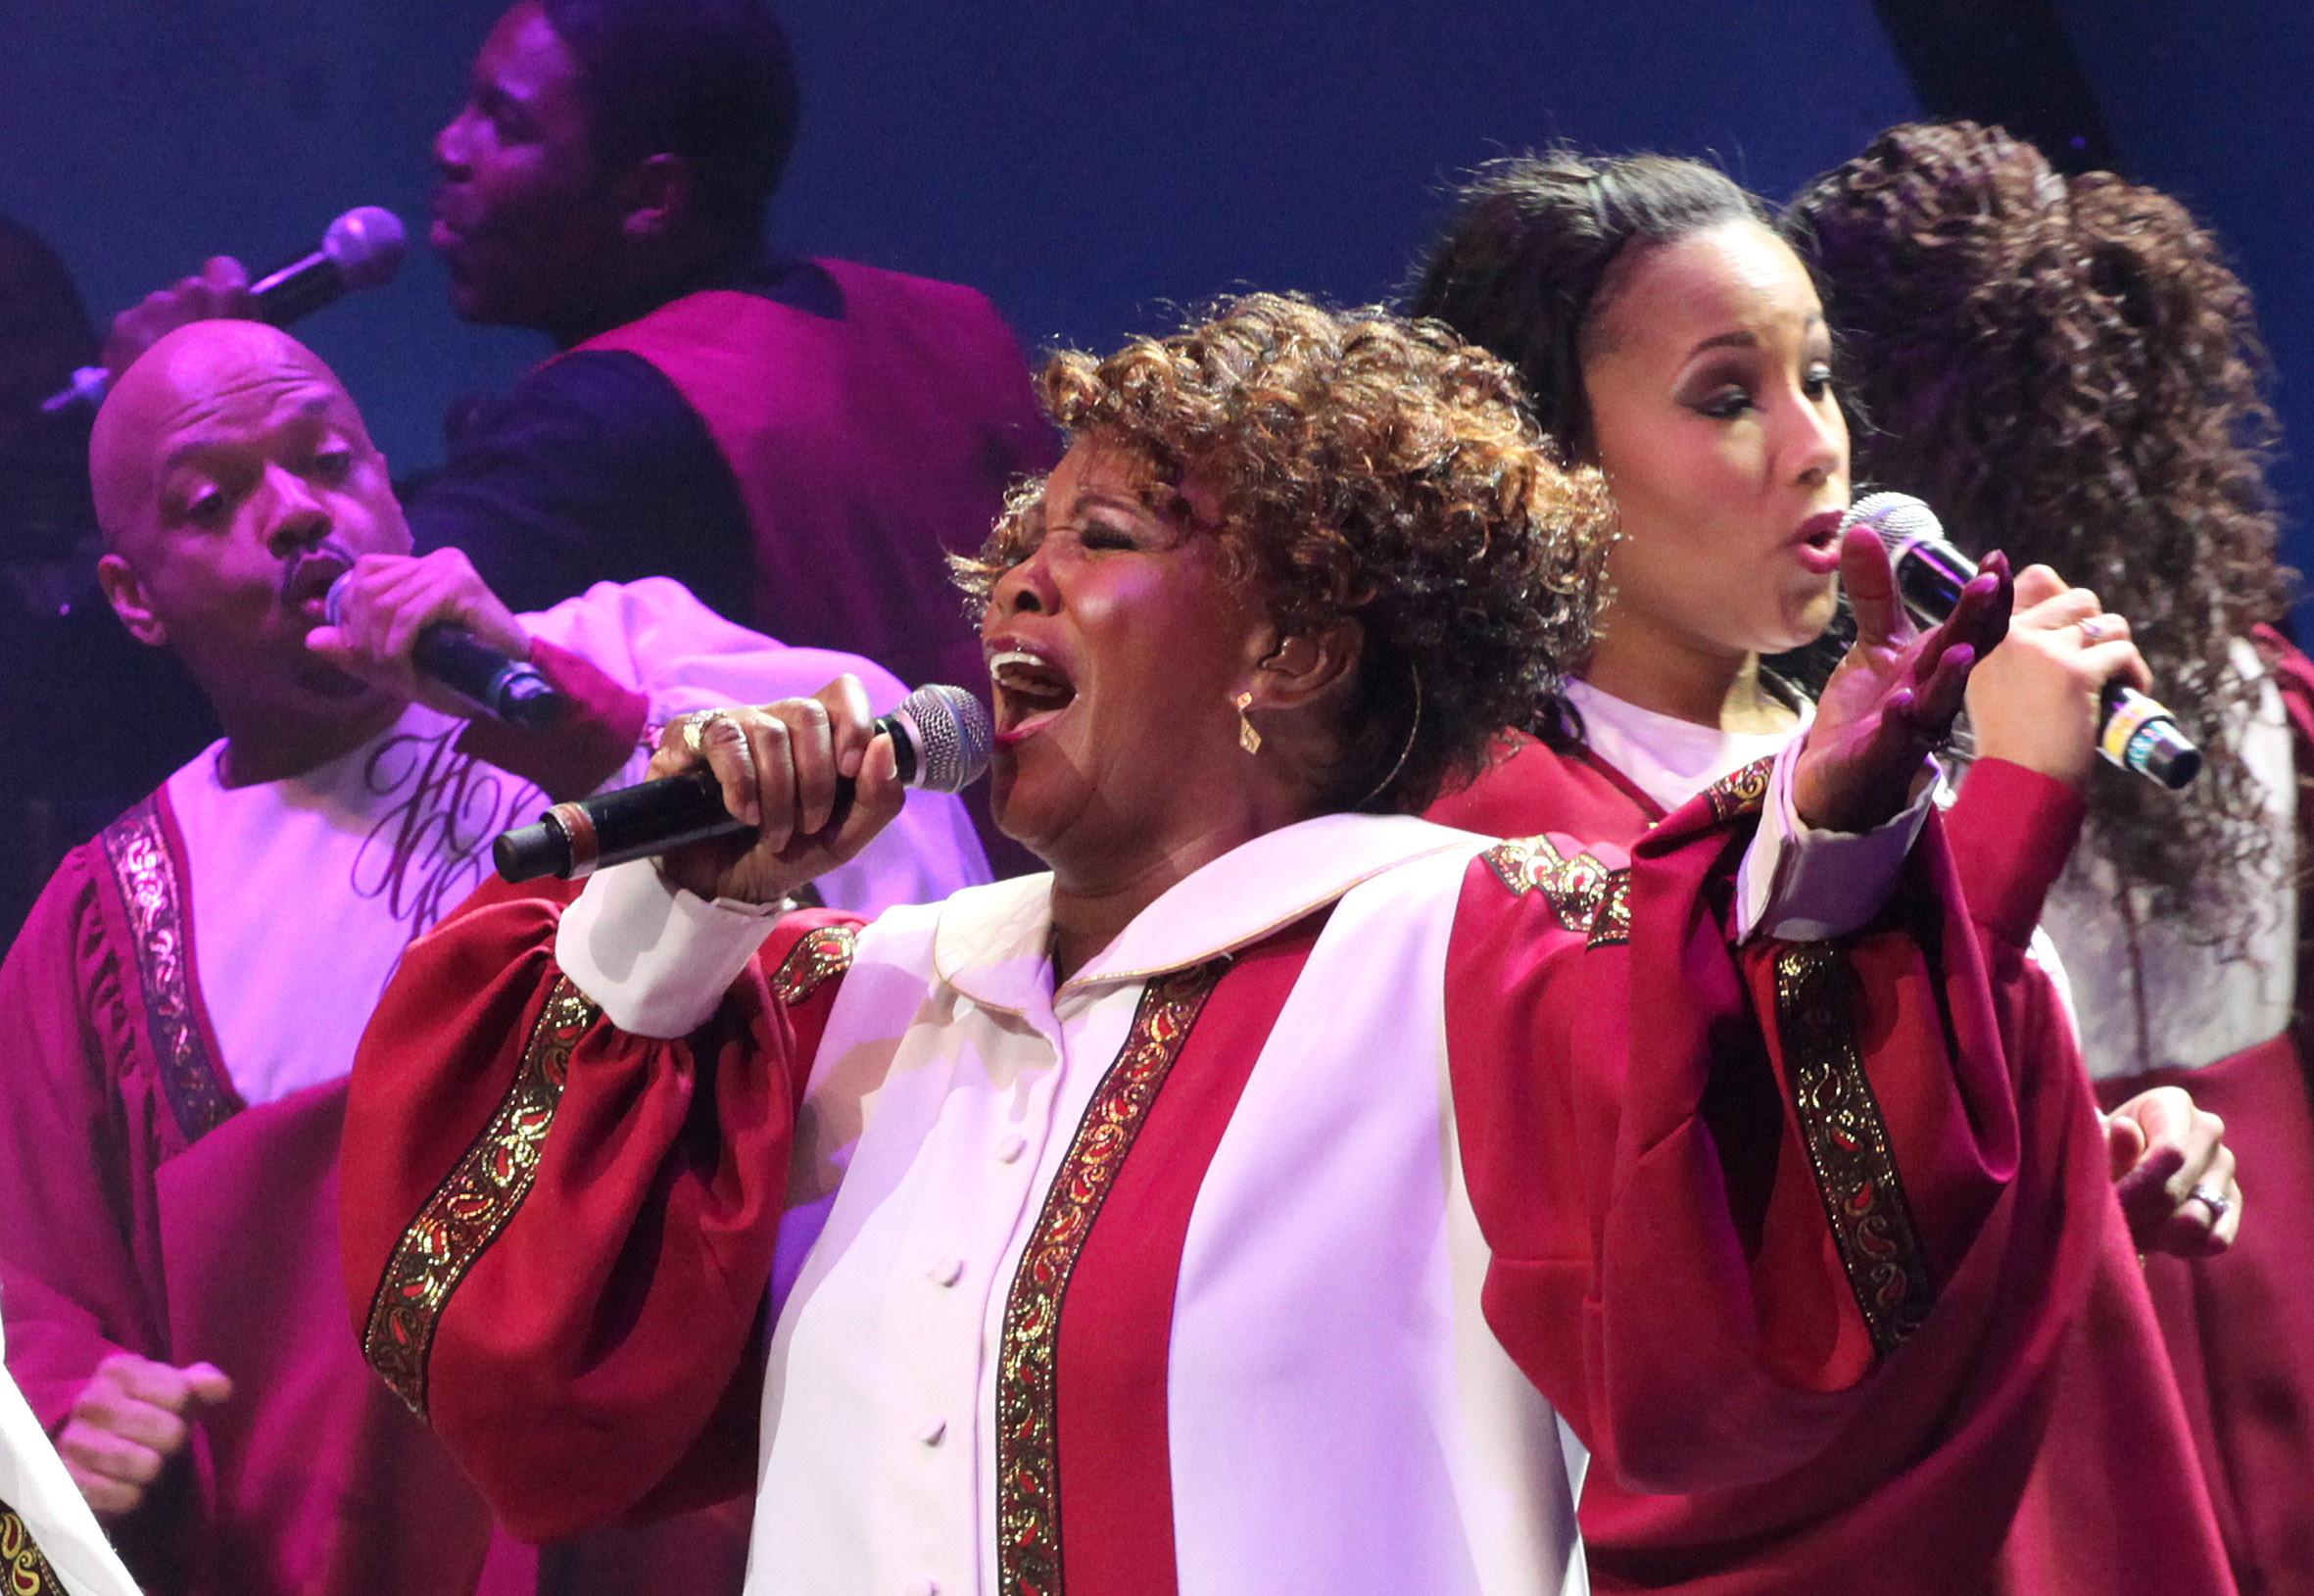 La magia del Gospel ad Harlem